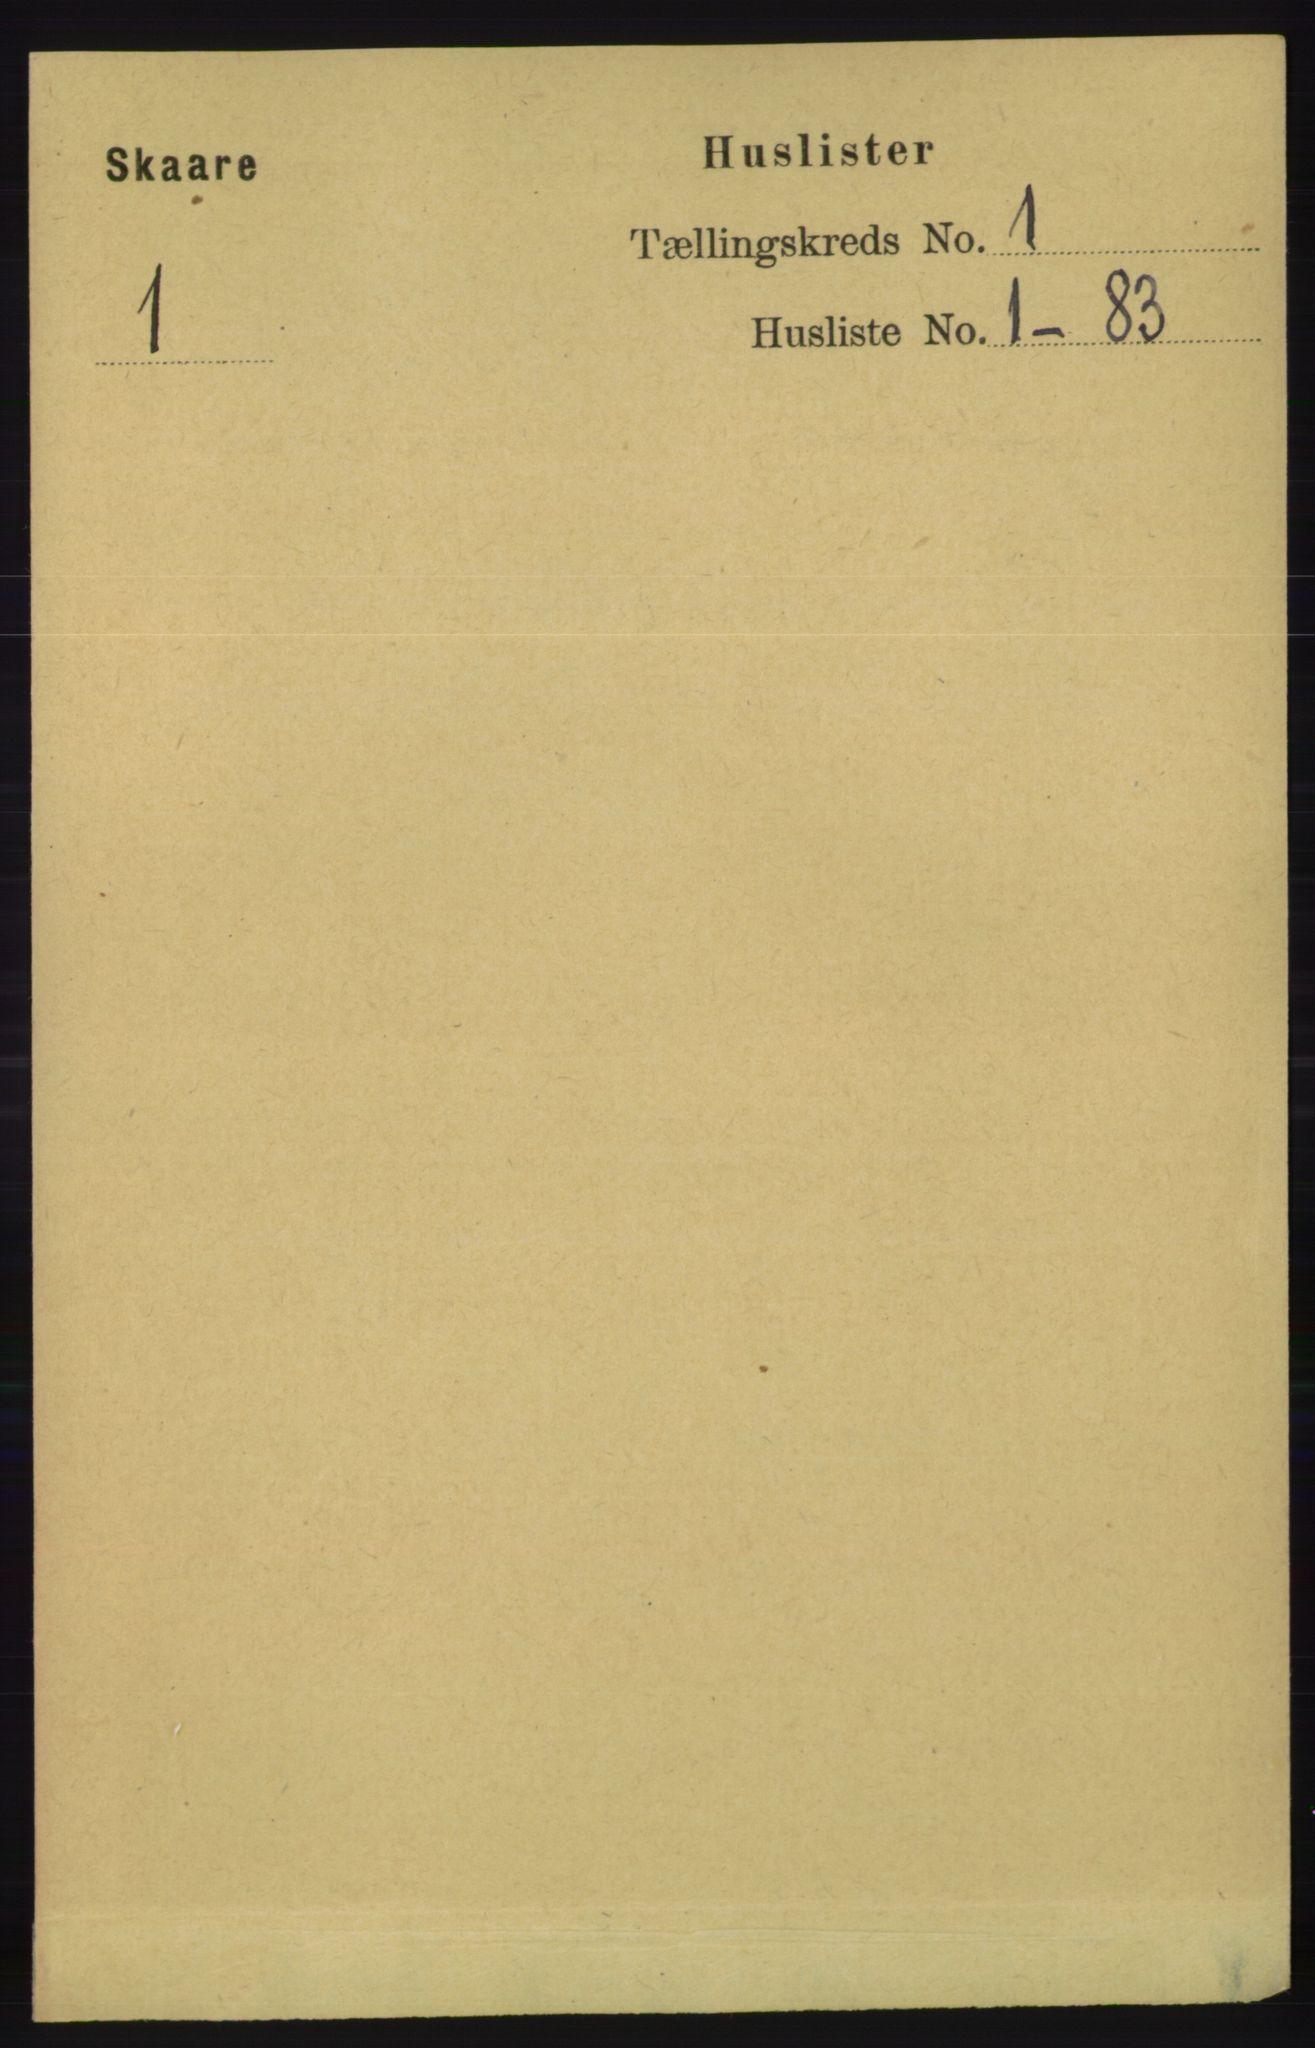 RA, Folketelling 1891 for 1153 Skåre herred, 1891, s. 17